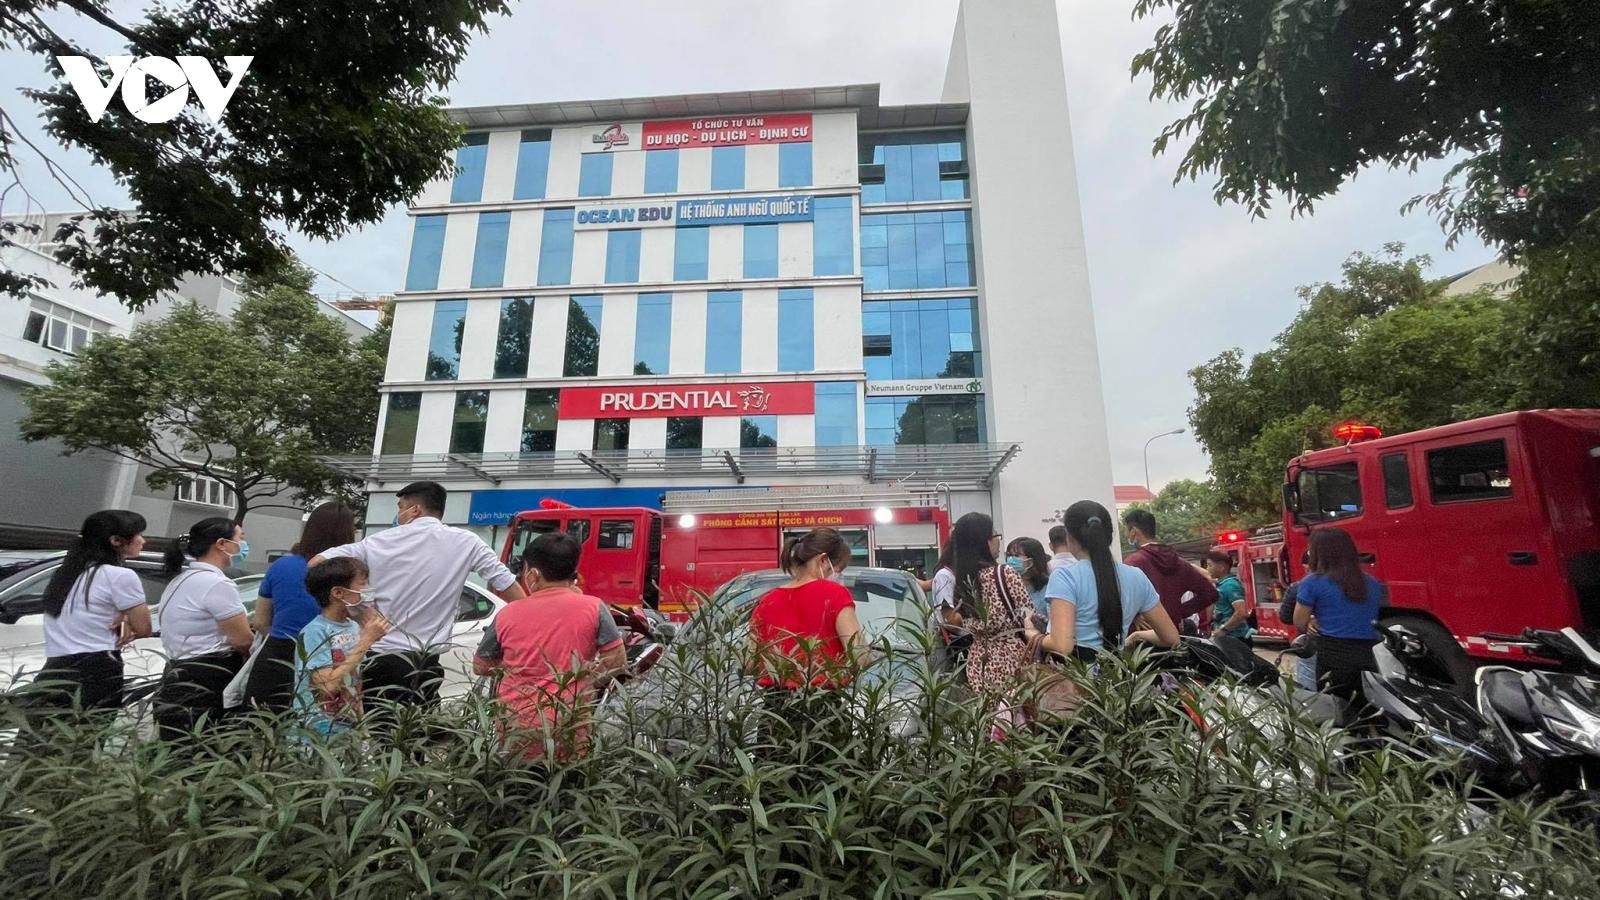 Đắk Lắk: Cháy toà nhà của ngân hàng, bảo hiểm, trung tâm anh ngữ